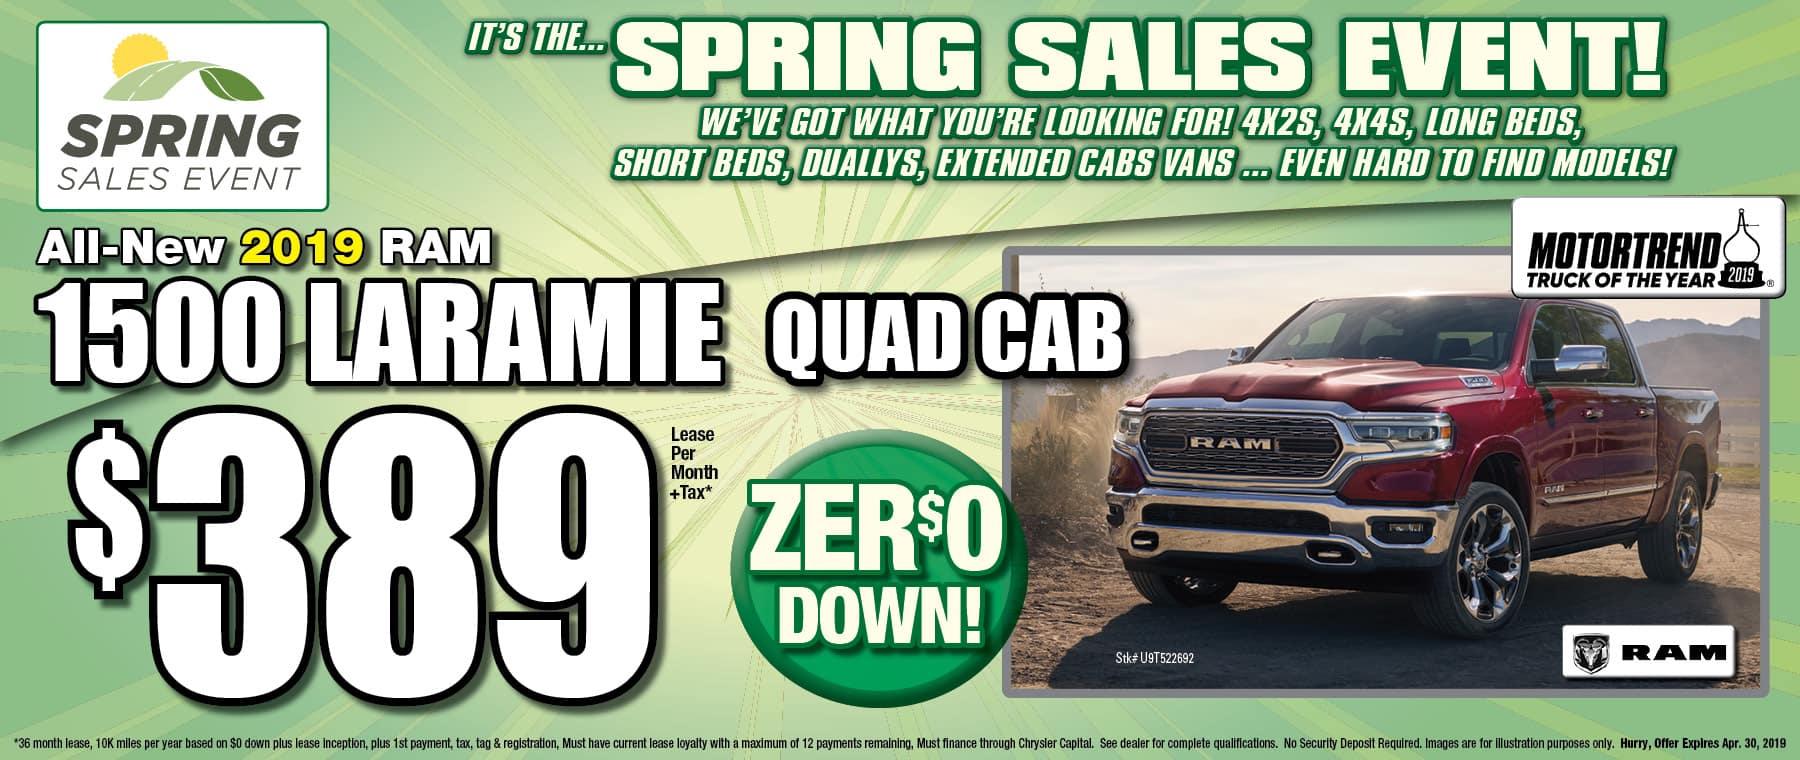 New 2019 Ram Laramie Quad Cab!